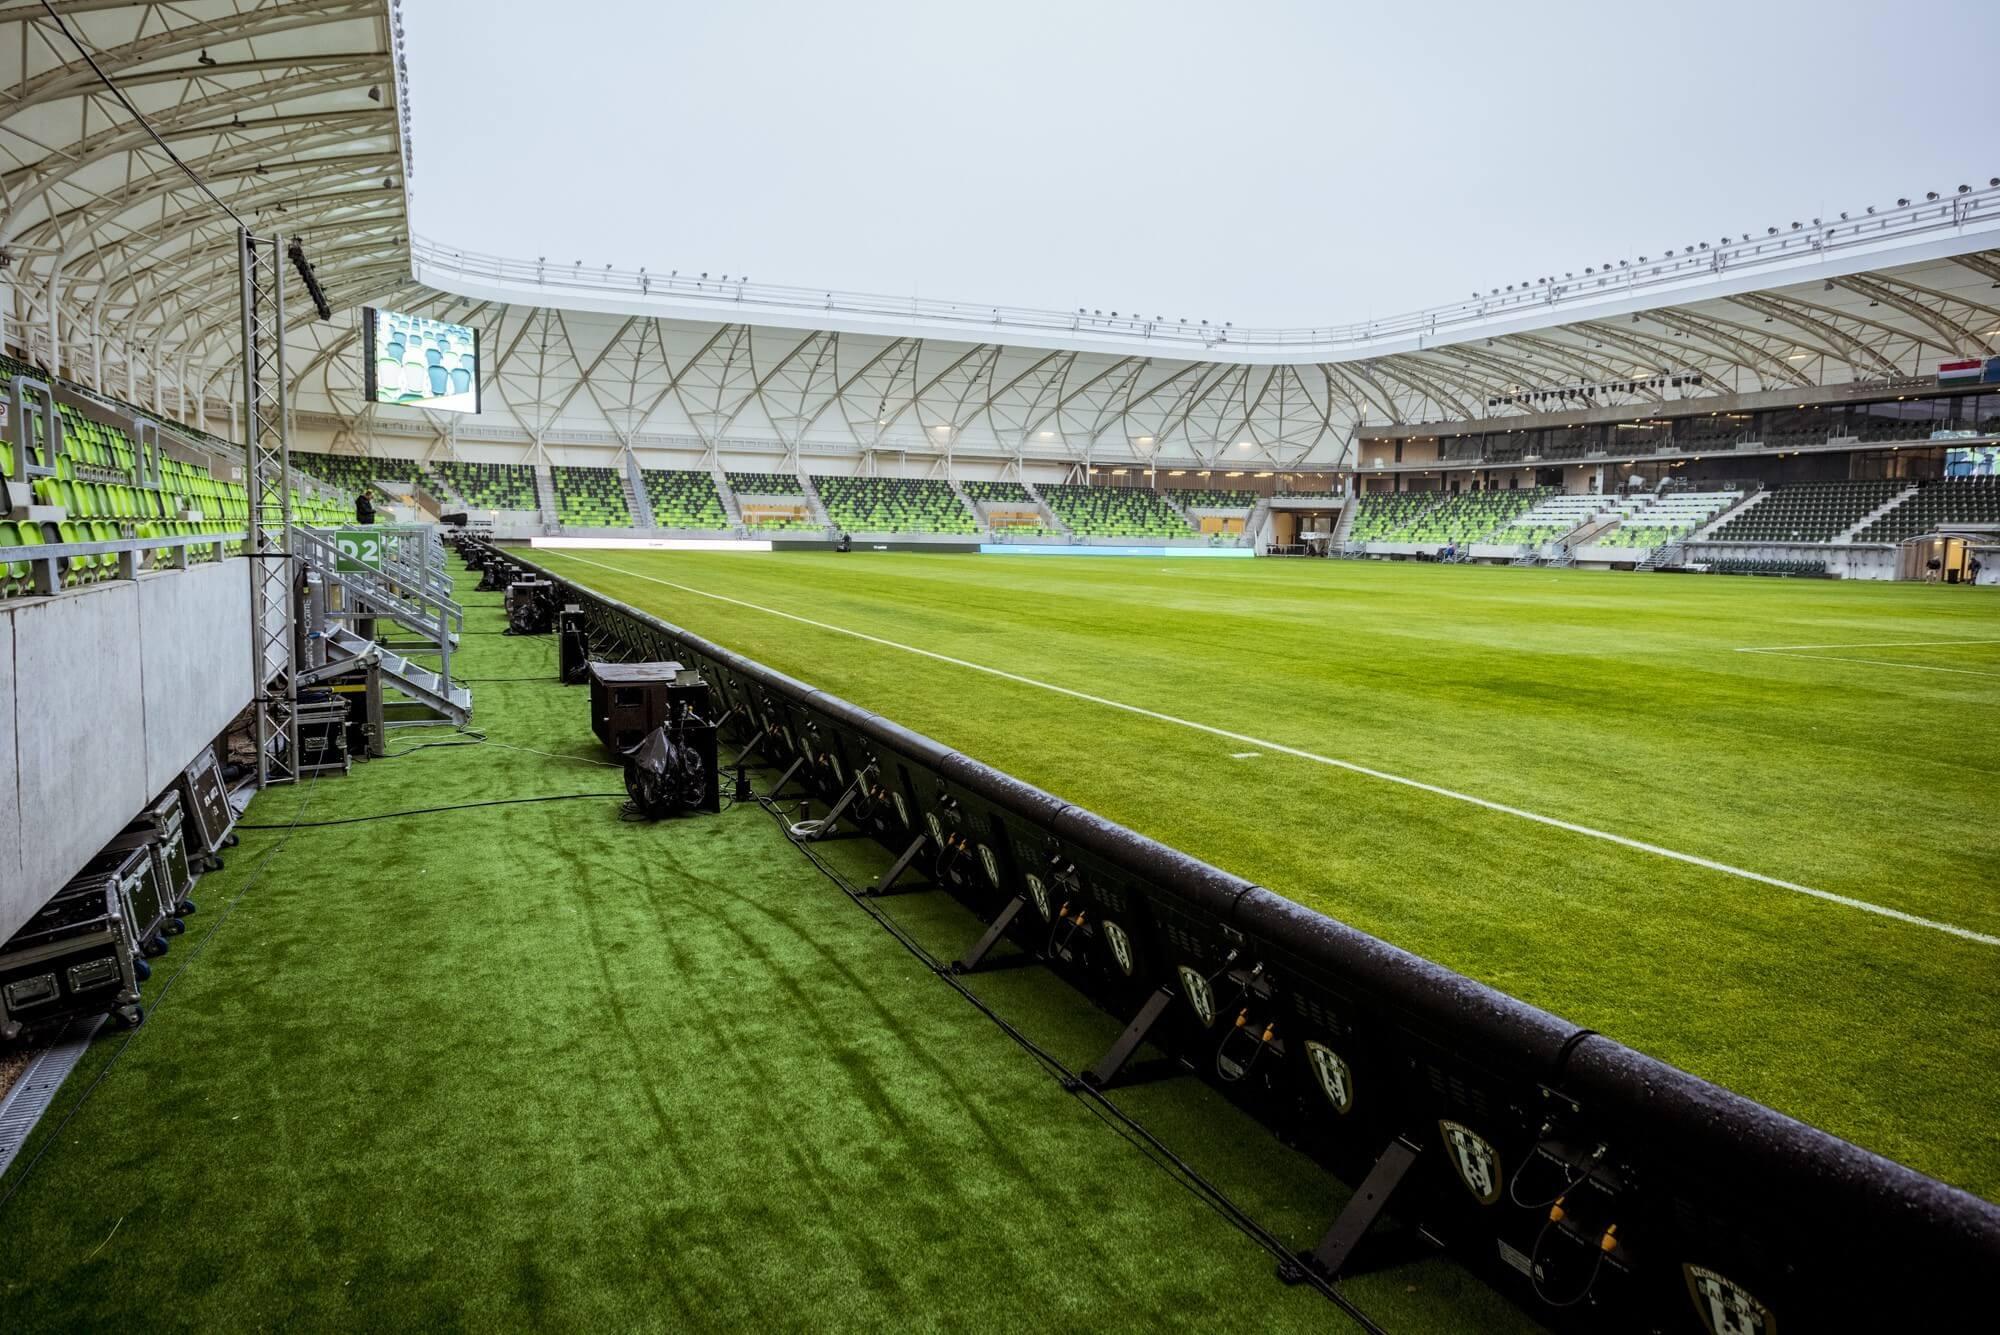 Békéscsabán röplabda-akadémia, Nyíregyházán stadion és uszoda épül